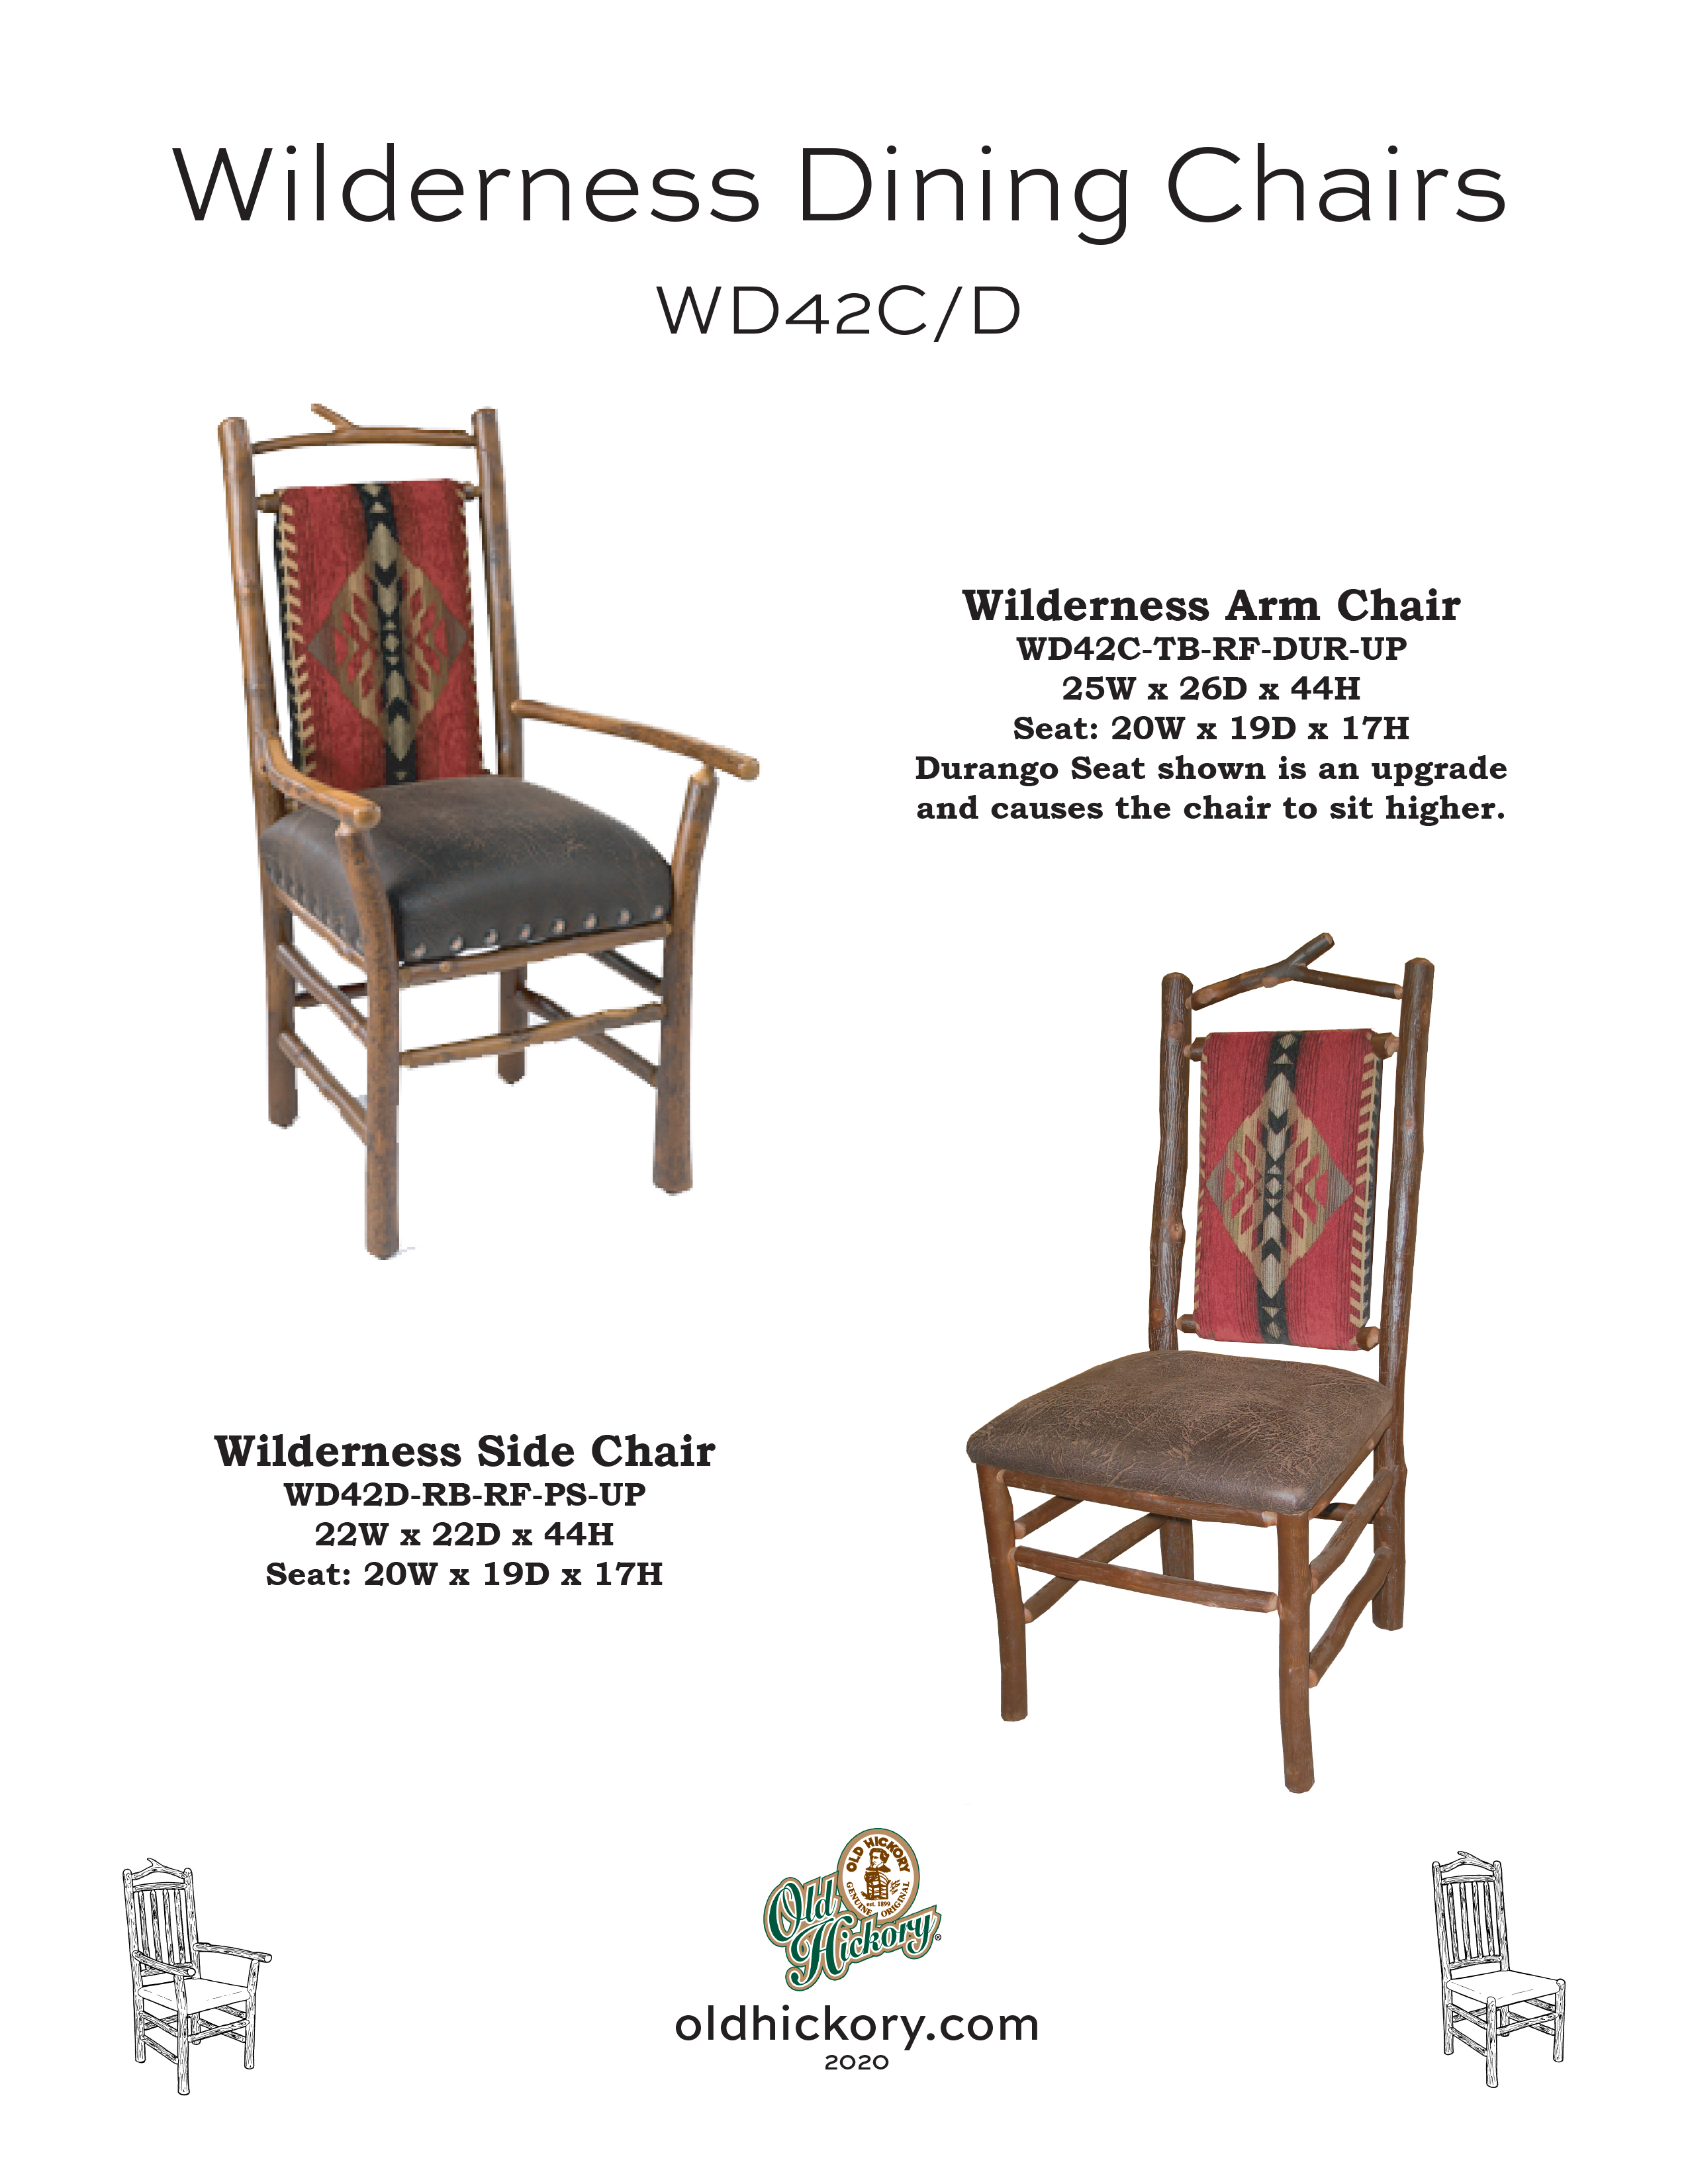 WD42C & WD42D